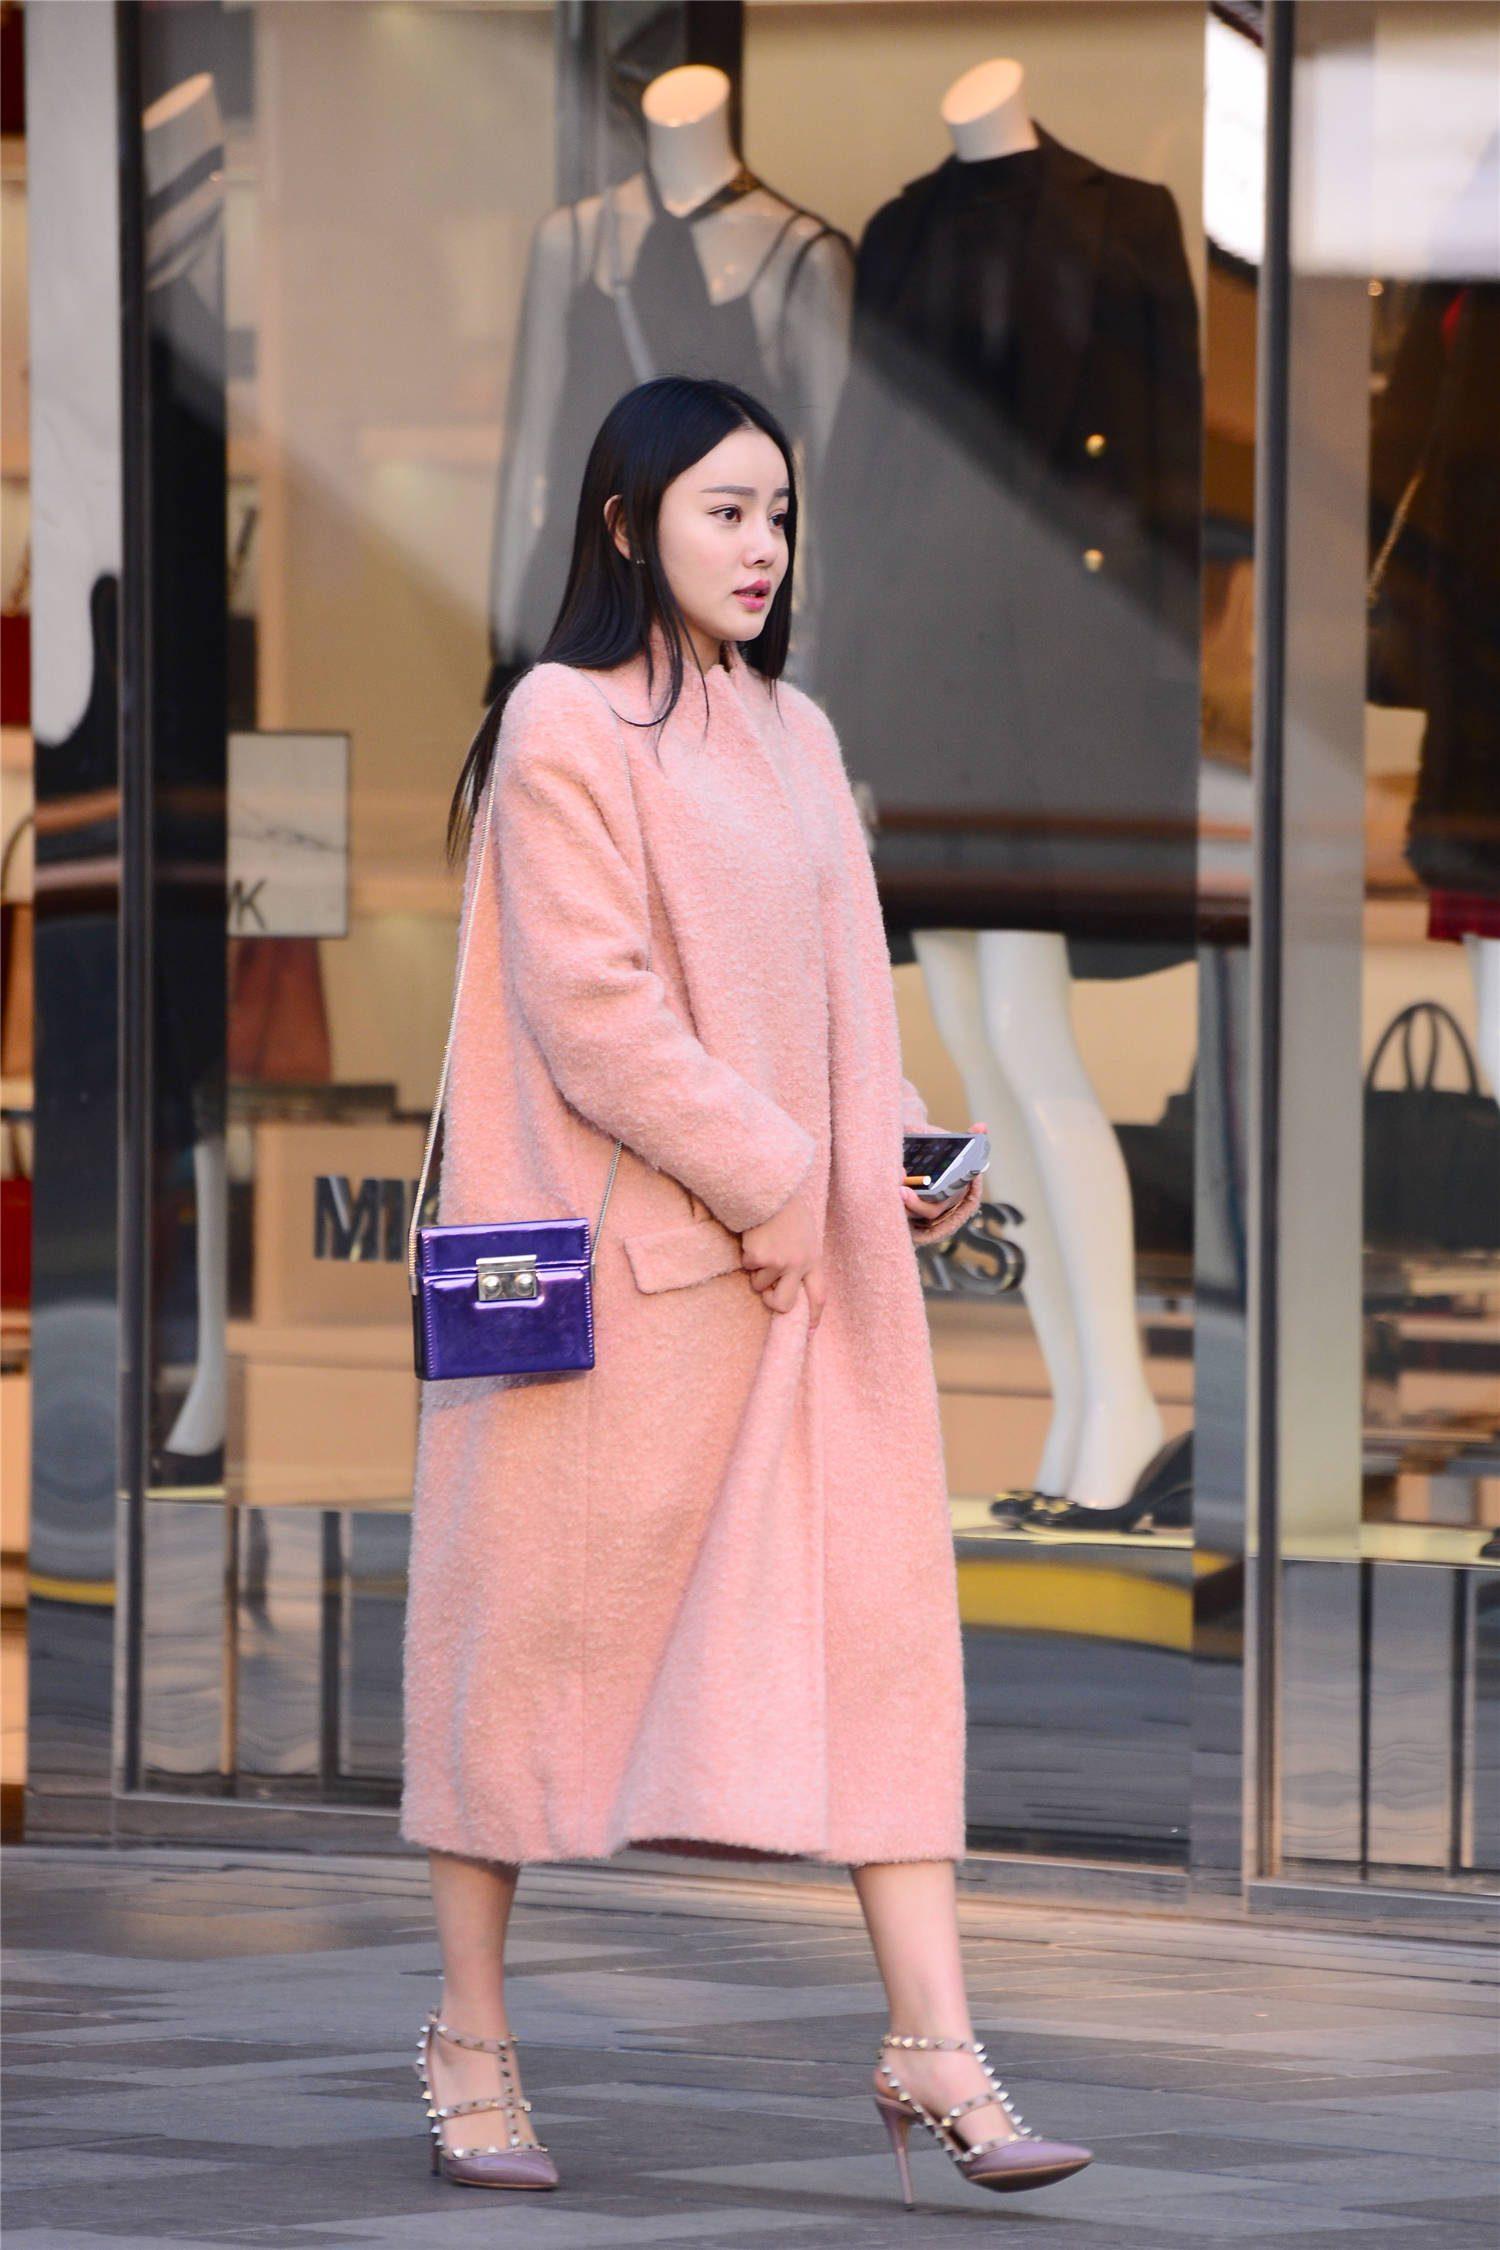 粉色大衣搭配尖头细跟铆钉凉鞋,这样的秋冬搭,你会尝试么